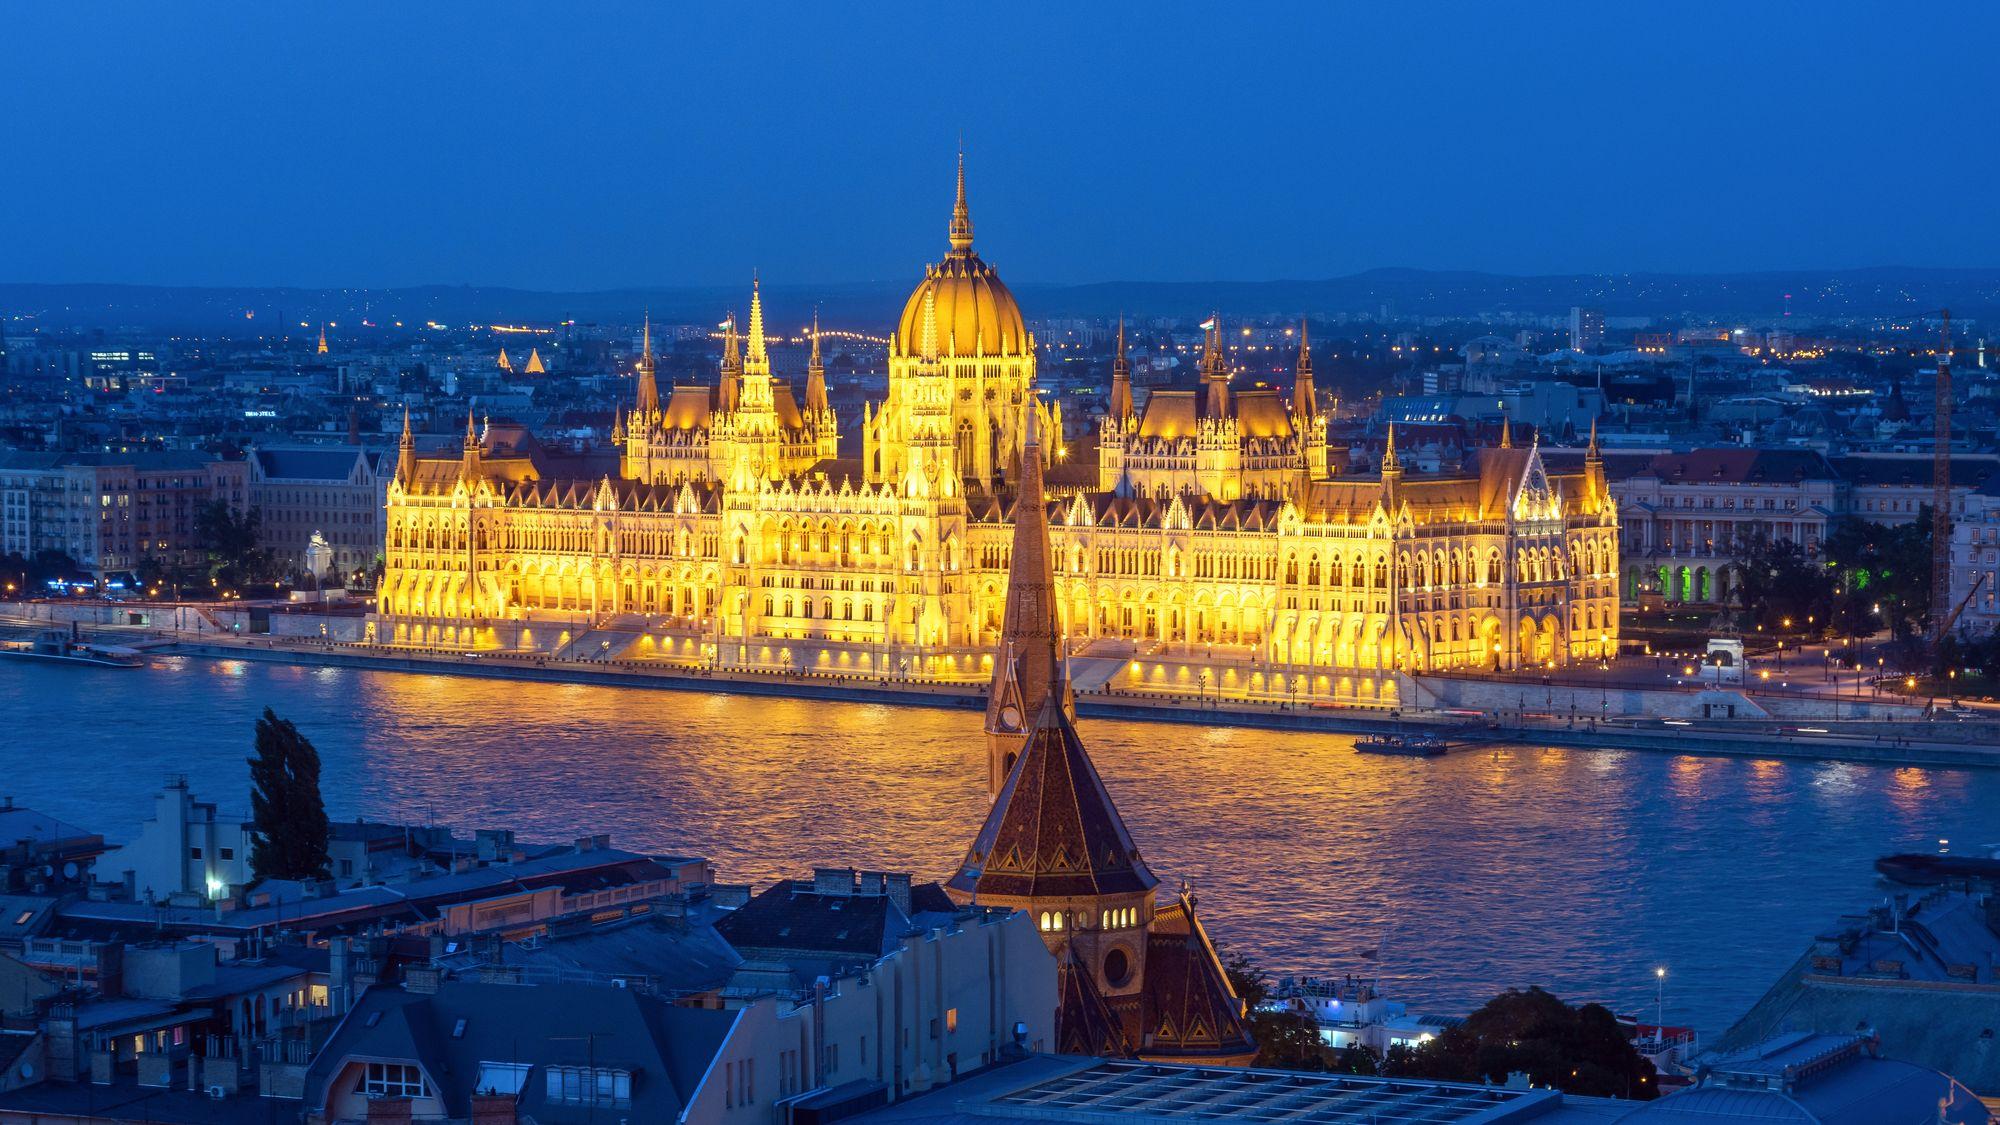 Wird Budapest jetzt wirtschaftlich boykottiert?